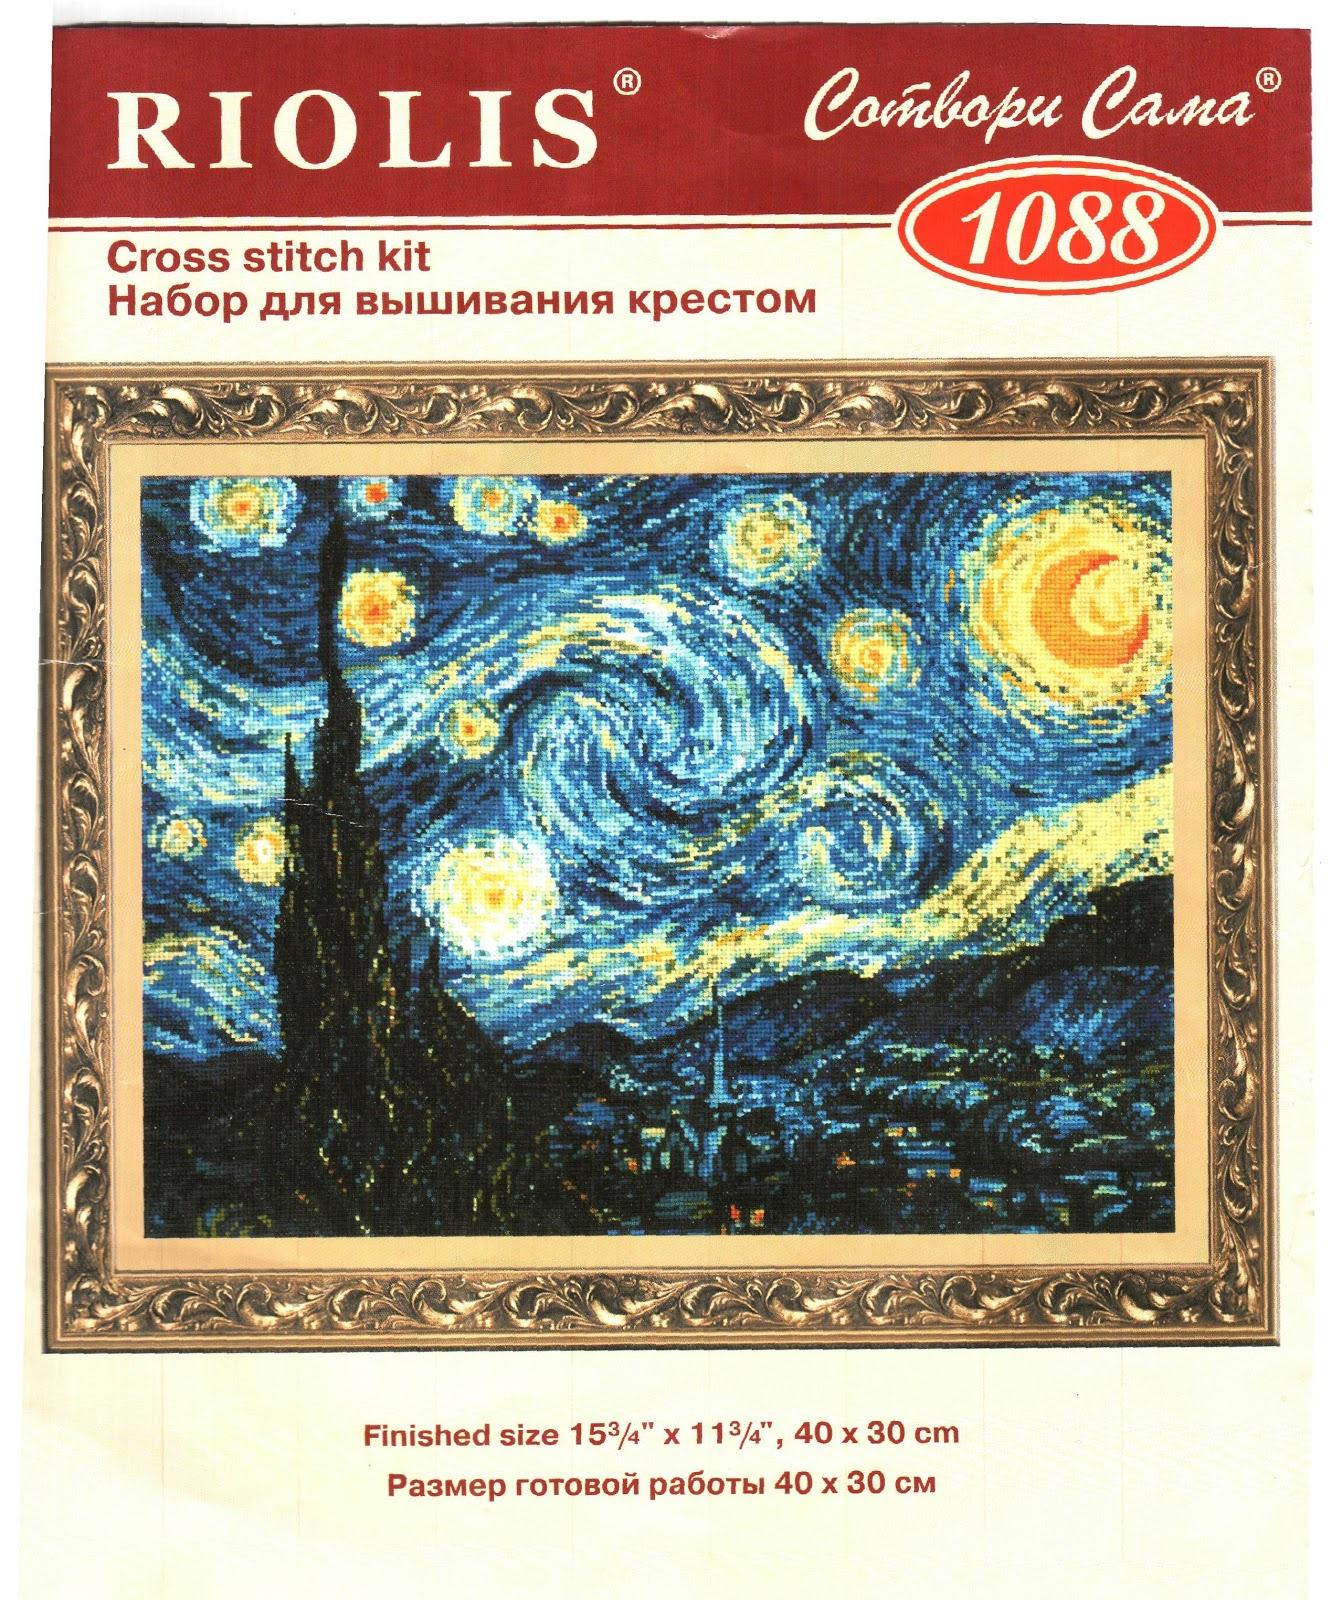 сундучок Ланушки: схема для вышивки - Ночь - Ван Гог